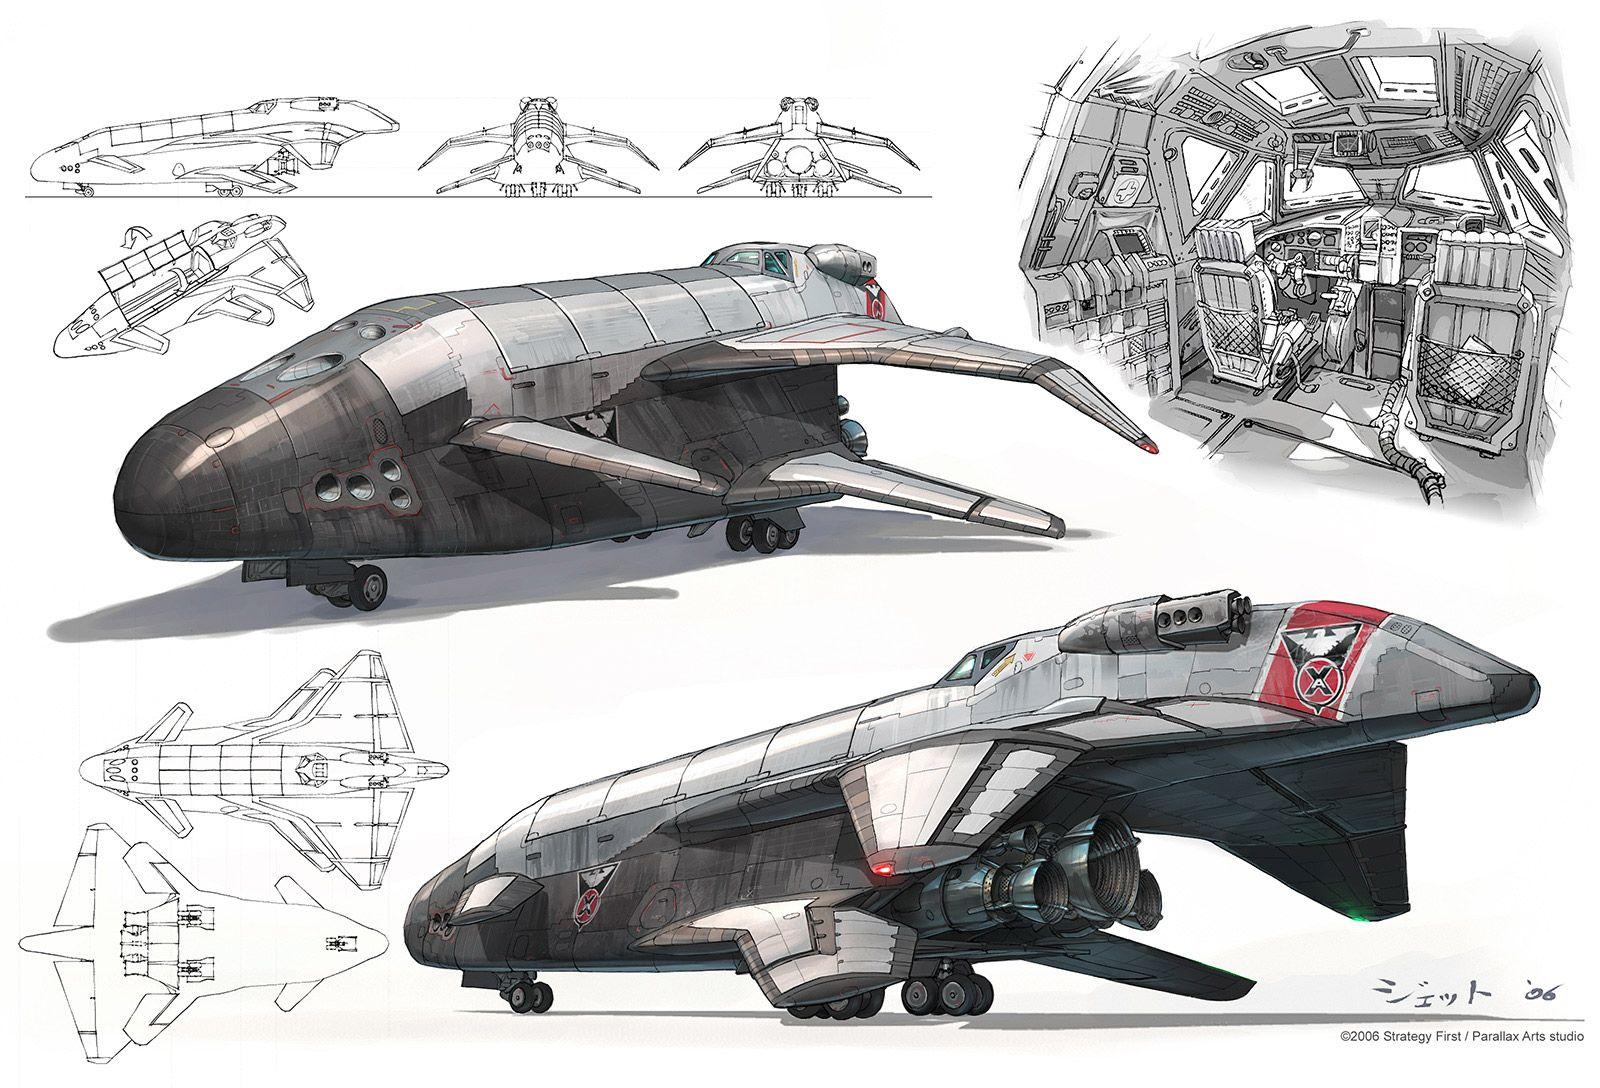 sci fi space shuttle craft - photo #3